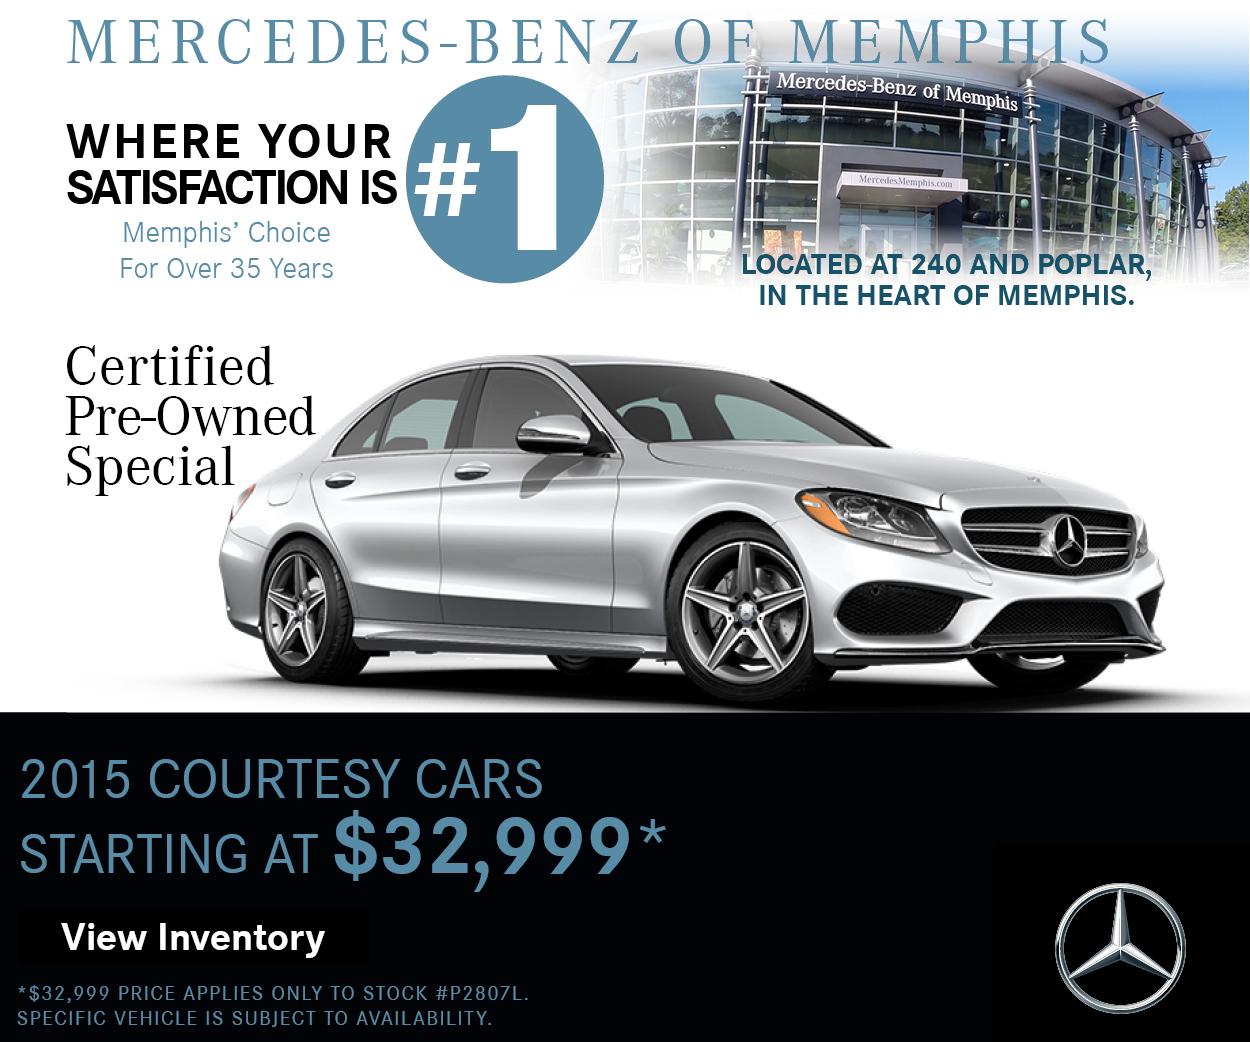 2015 Courtesy Car Specials Mercedes Benz Of Memphis